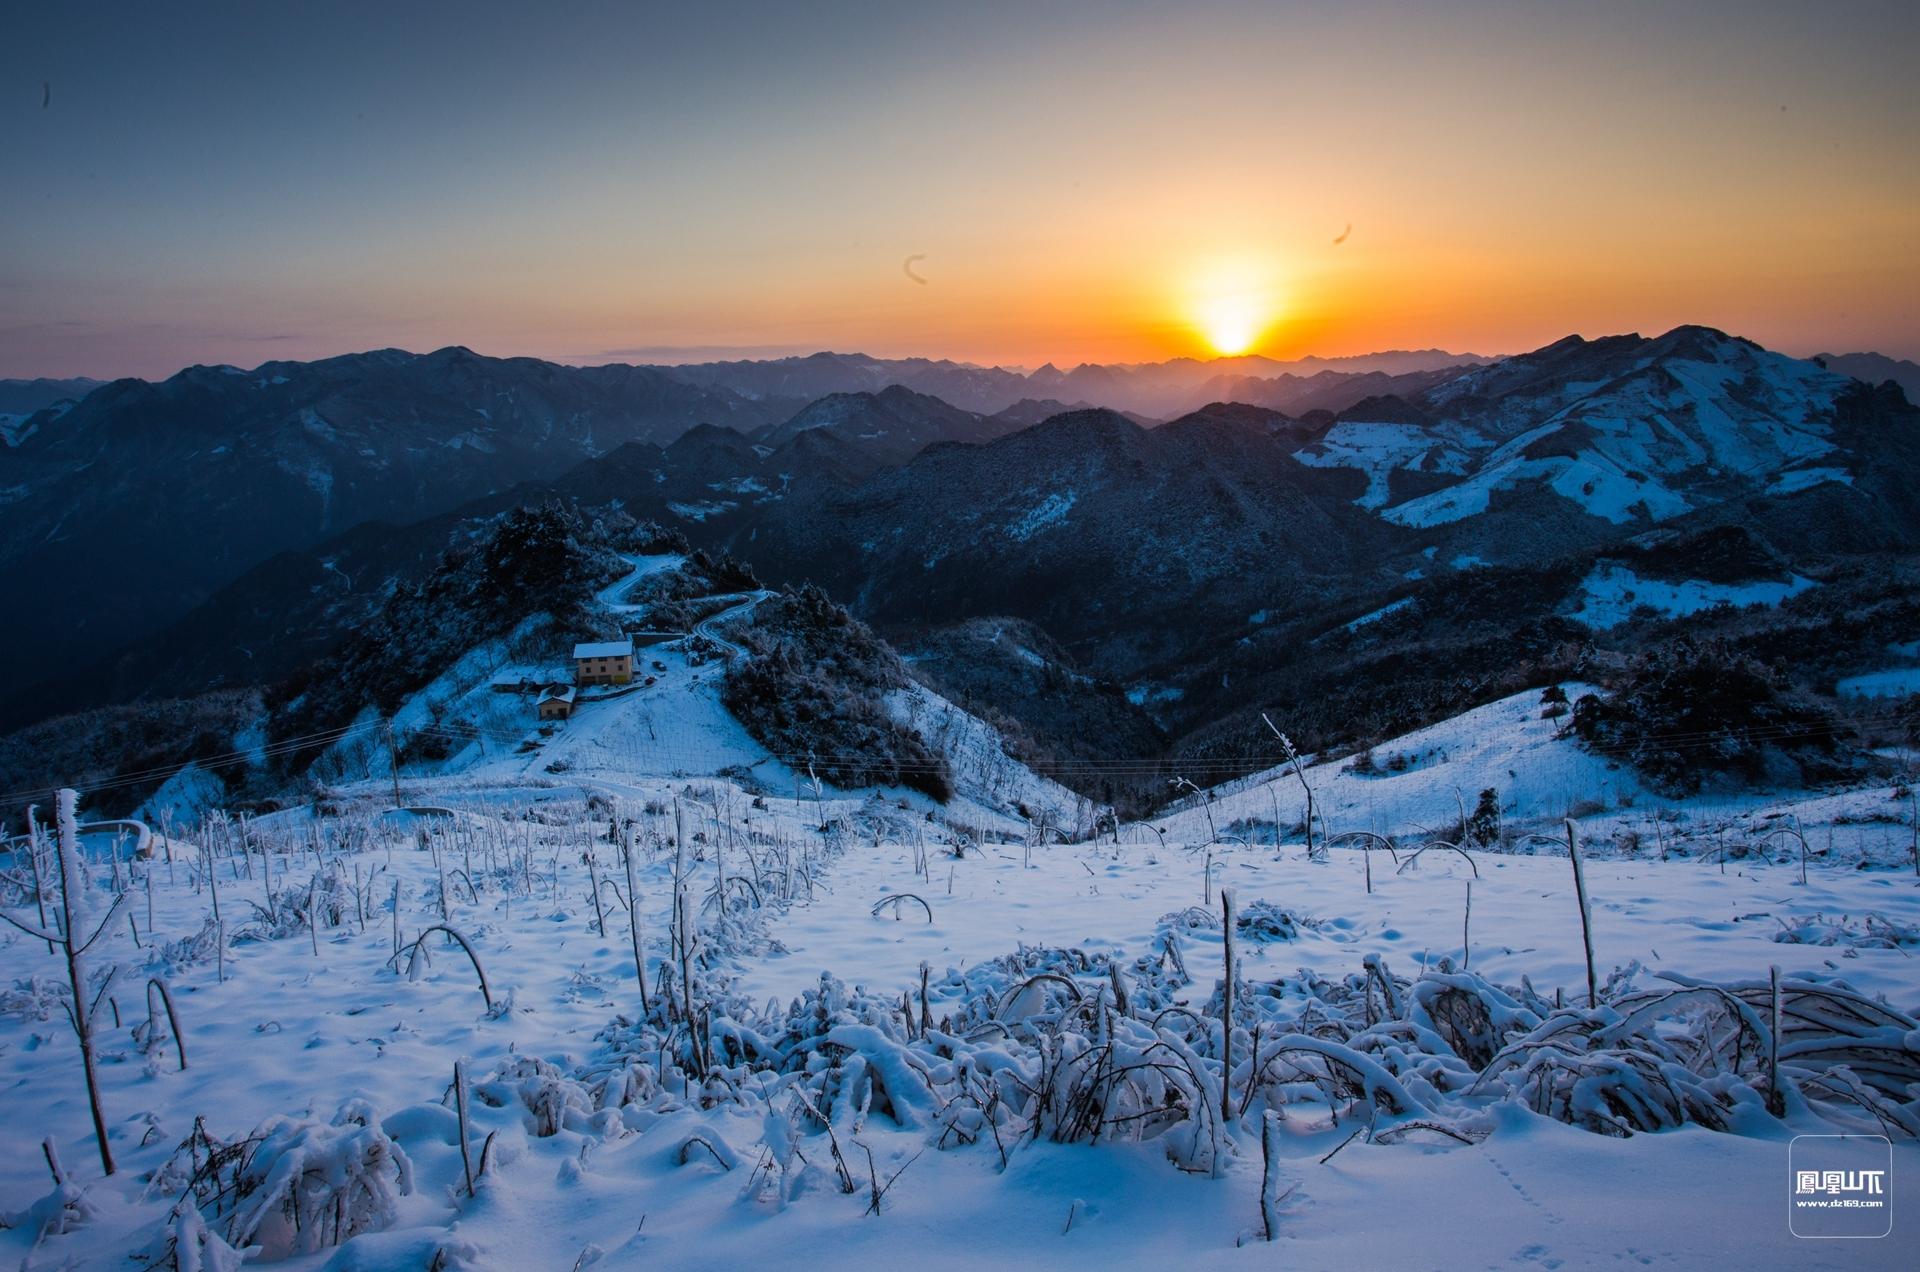 《冬韵》,郑岭栩摄.jpg